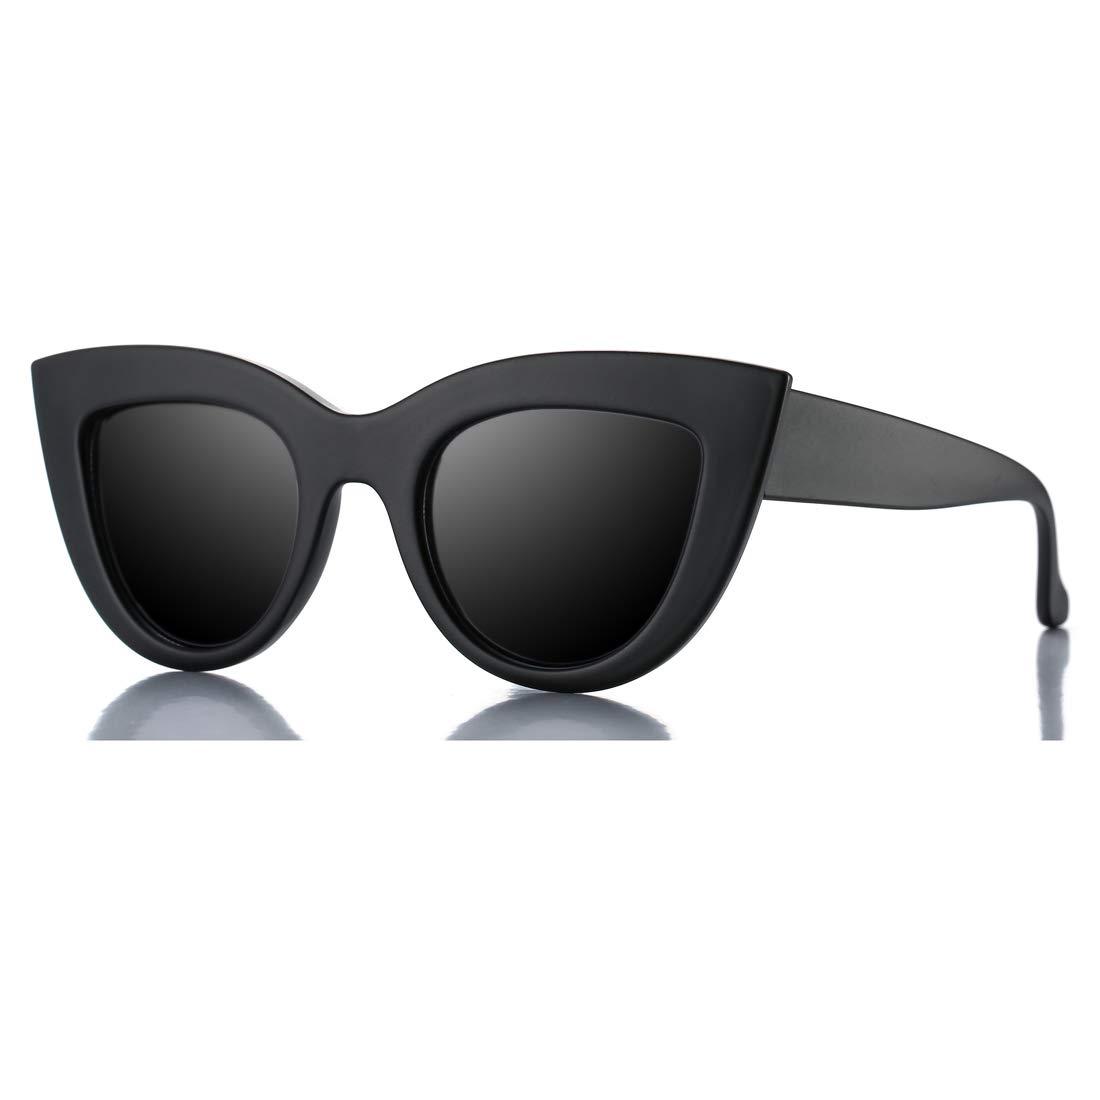 297c54f2062 Retro Cateye Sunglasses for Women Fashion Clout Goggles Mirror UV400  Protection Cat Eye Sun Glasses